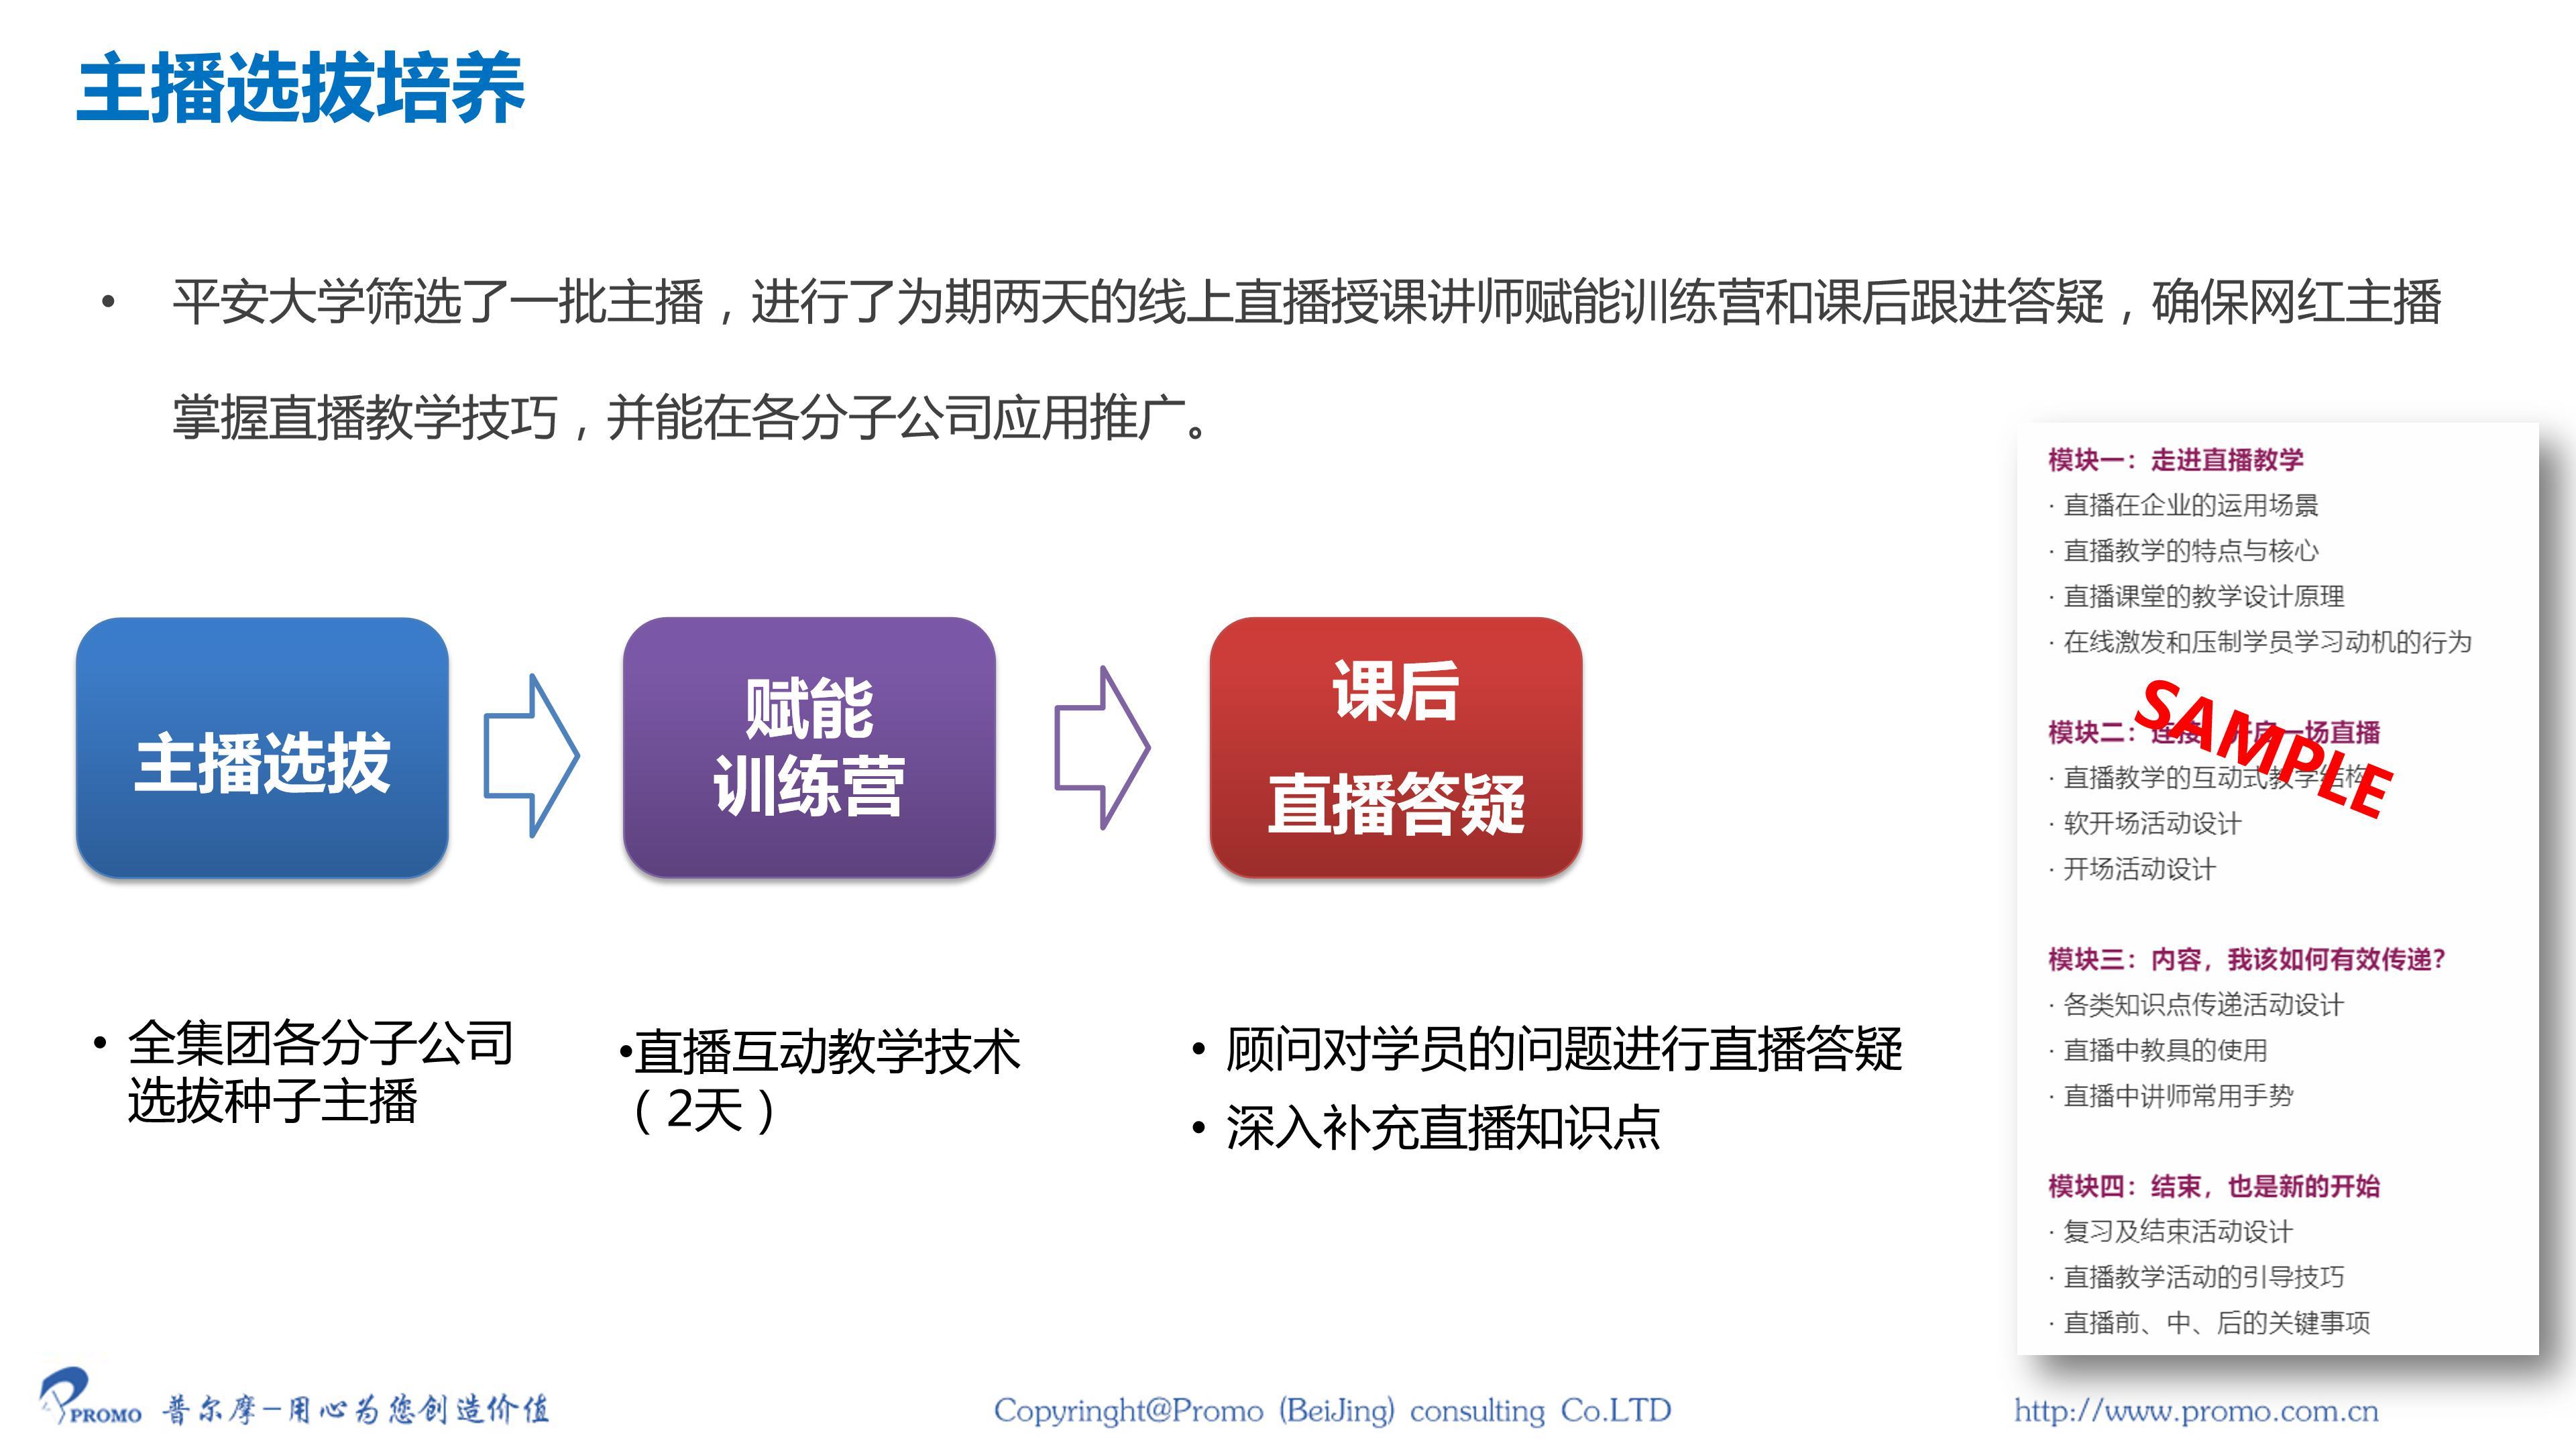 20190415平安集团直播项目案例_05